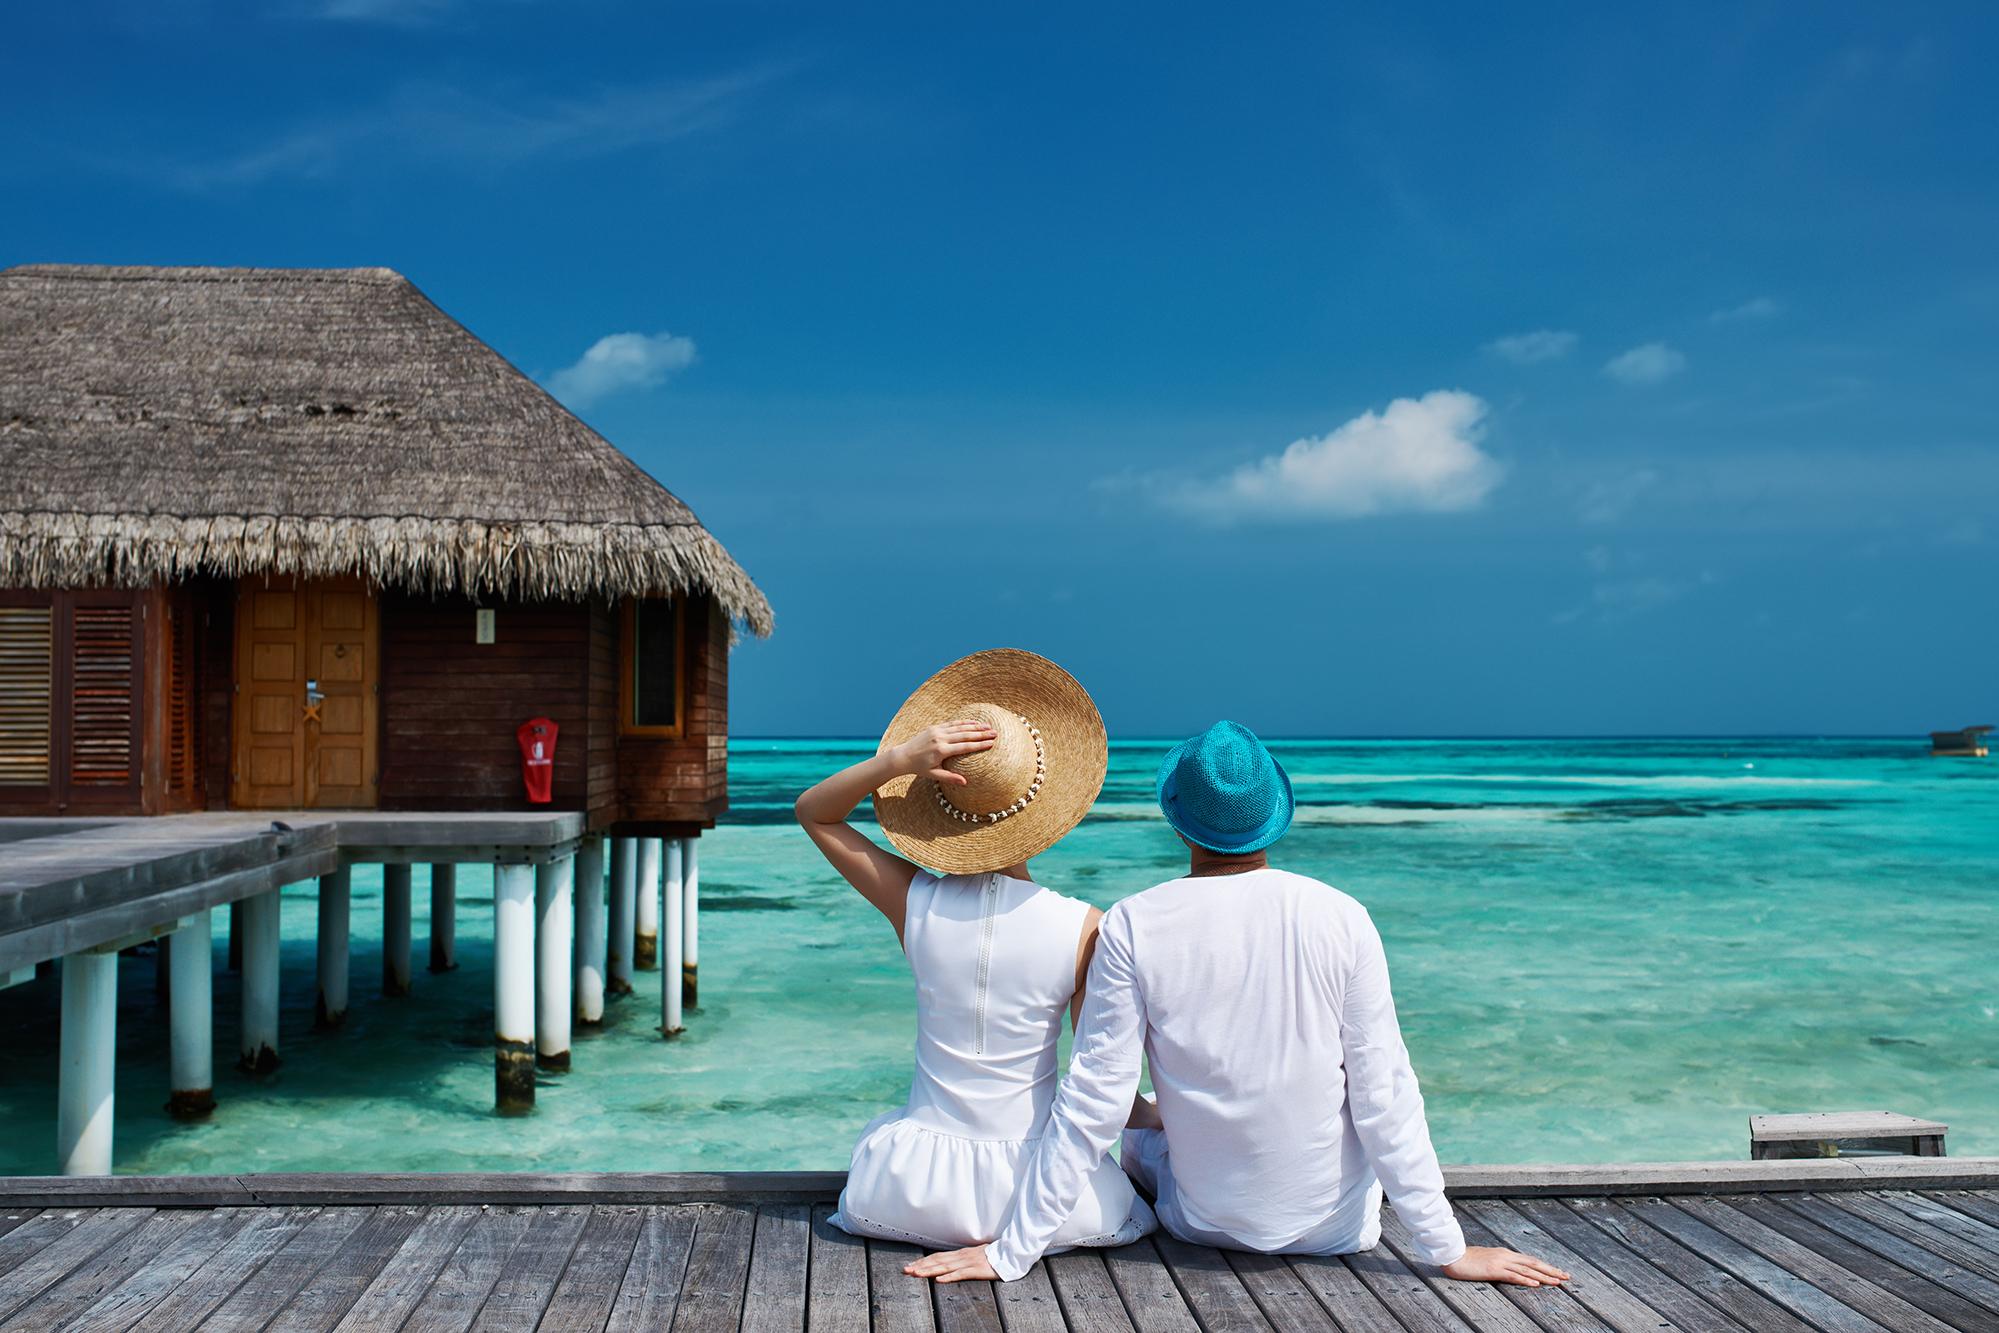 Honeymoon là gì? Đâu là địa điểm lý tưởng cho honeymoon?